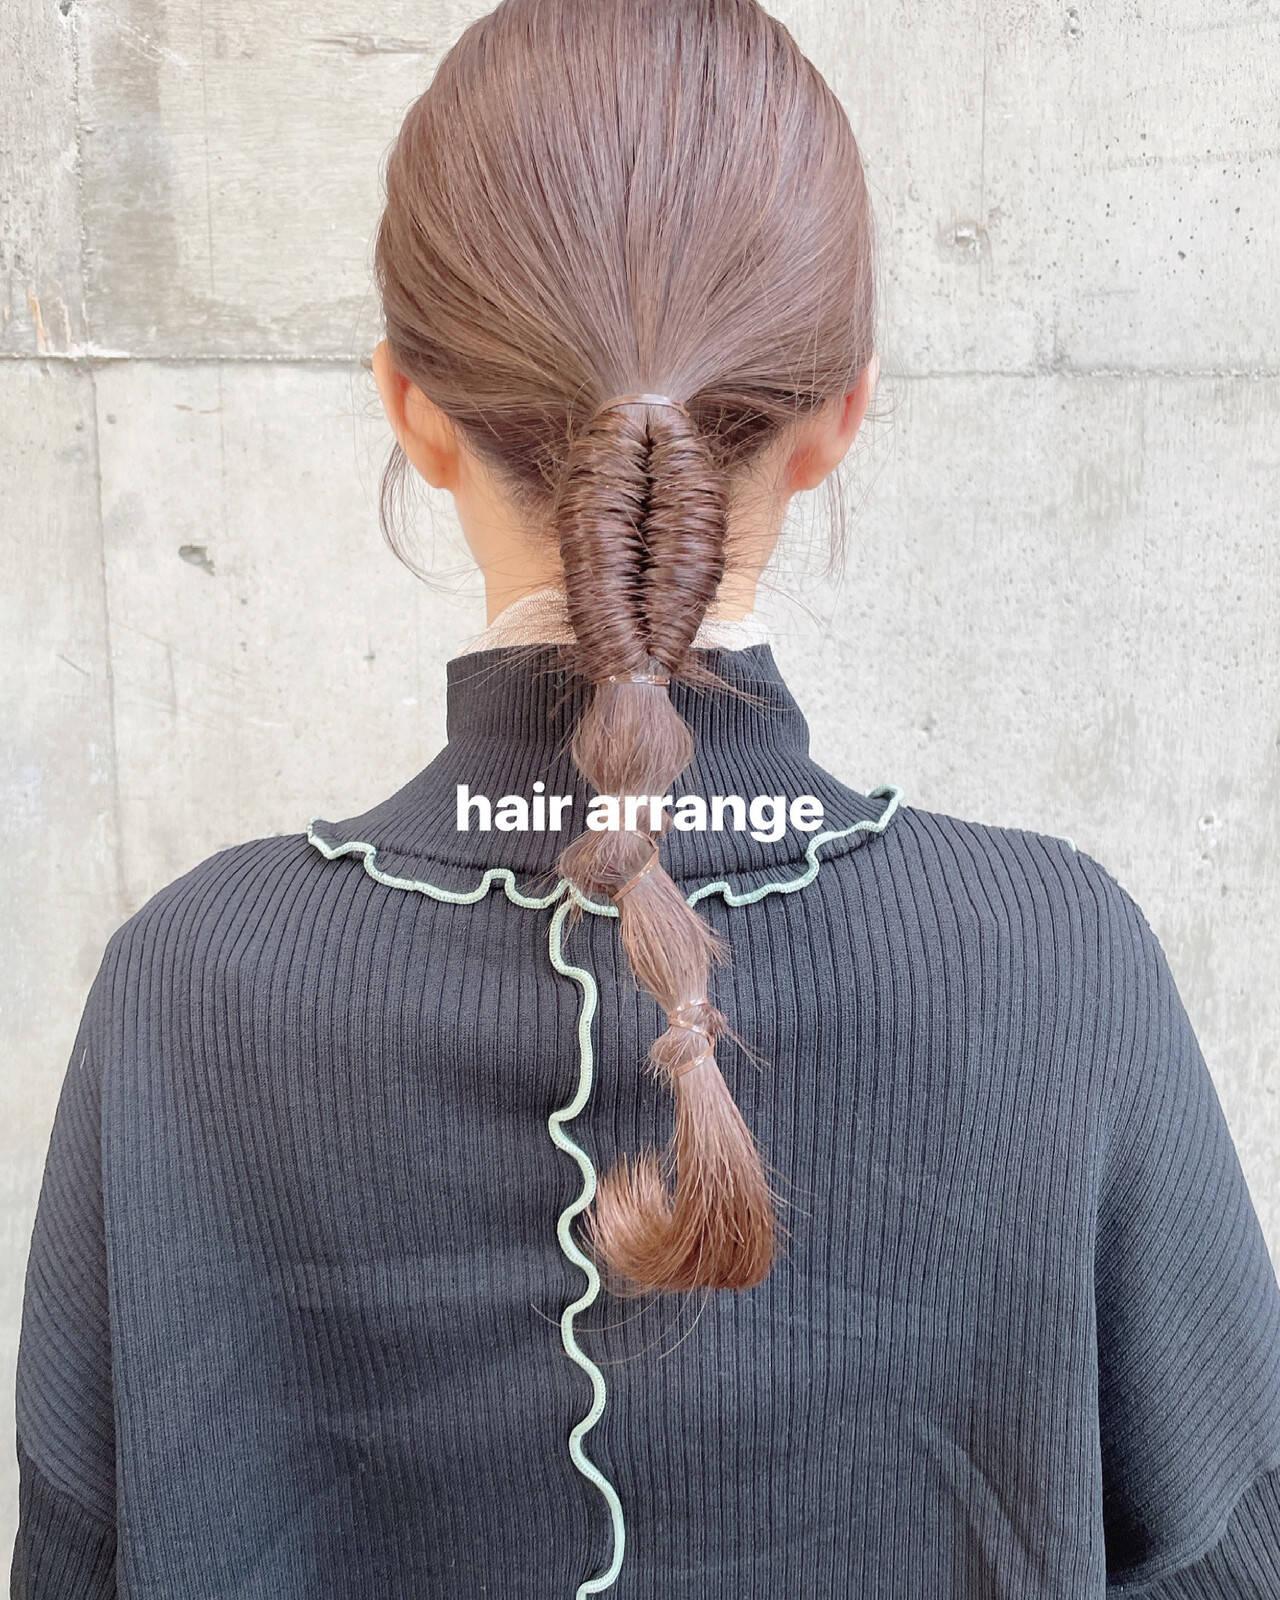 簡単ヘアアレンジ エレガント ポニーテールアレンジ セミロングヘアスタイルや髪型の写真・画像